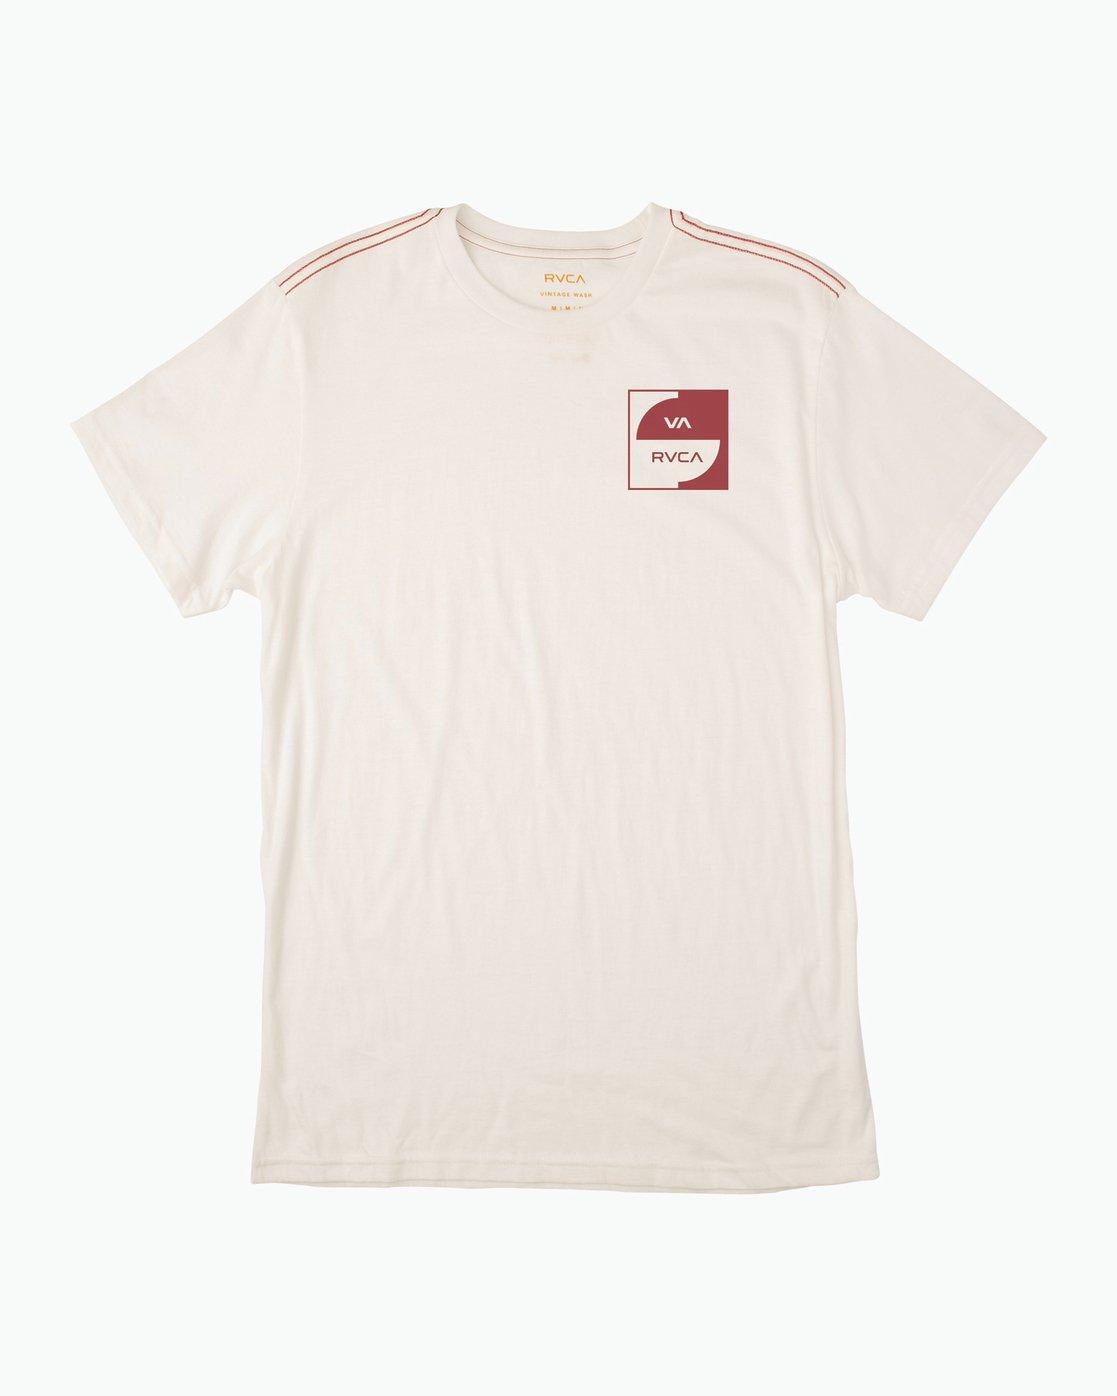 0 Squircle T-Shirt  M422QRDQ RVCA